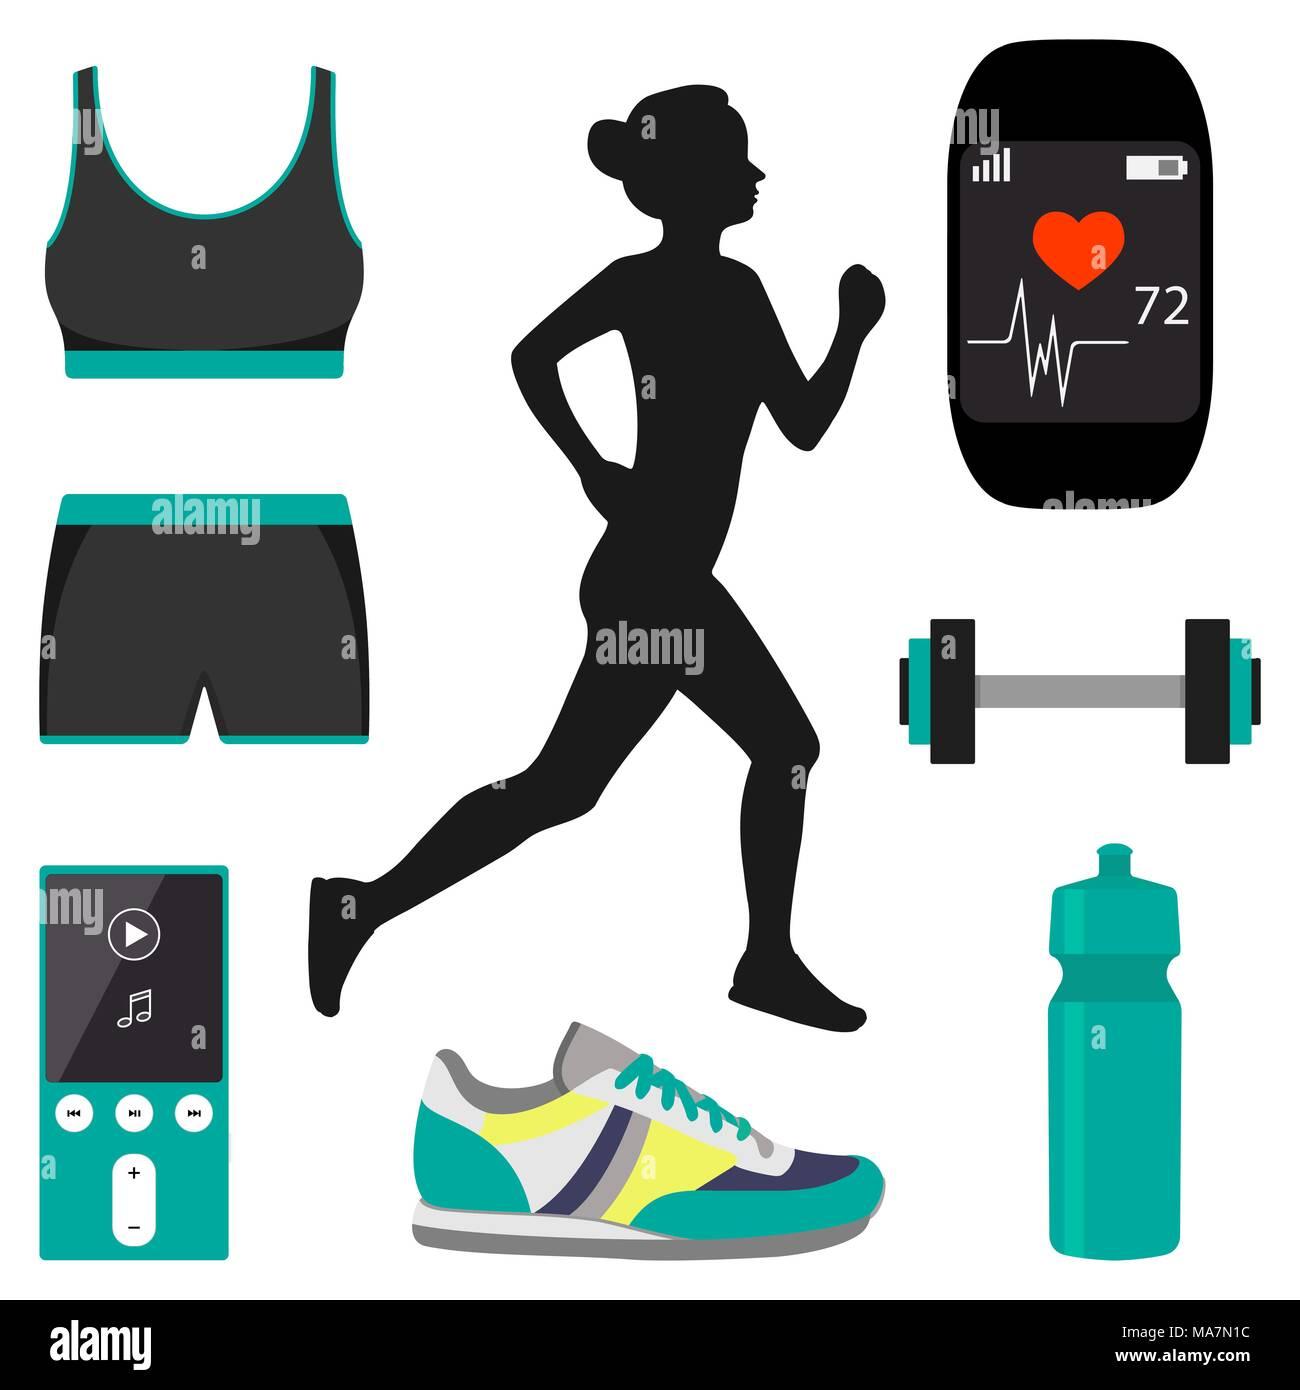 silhueta de uma garota correndo em uma esteira e jogging atributos